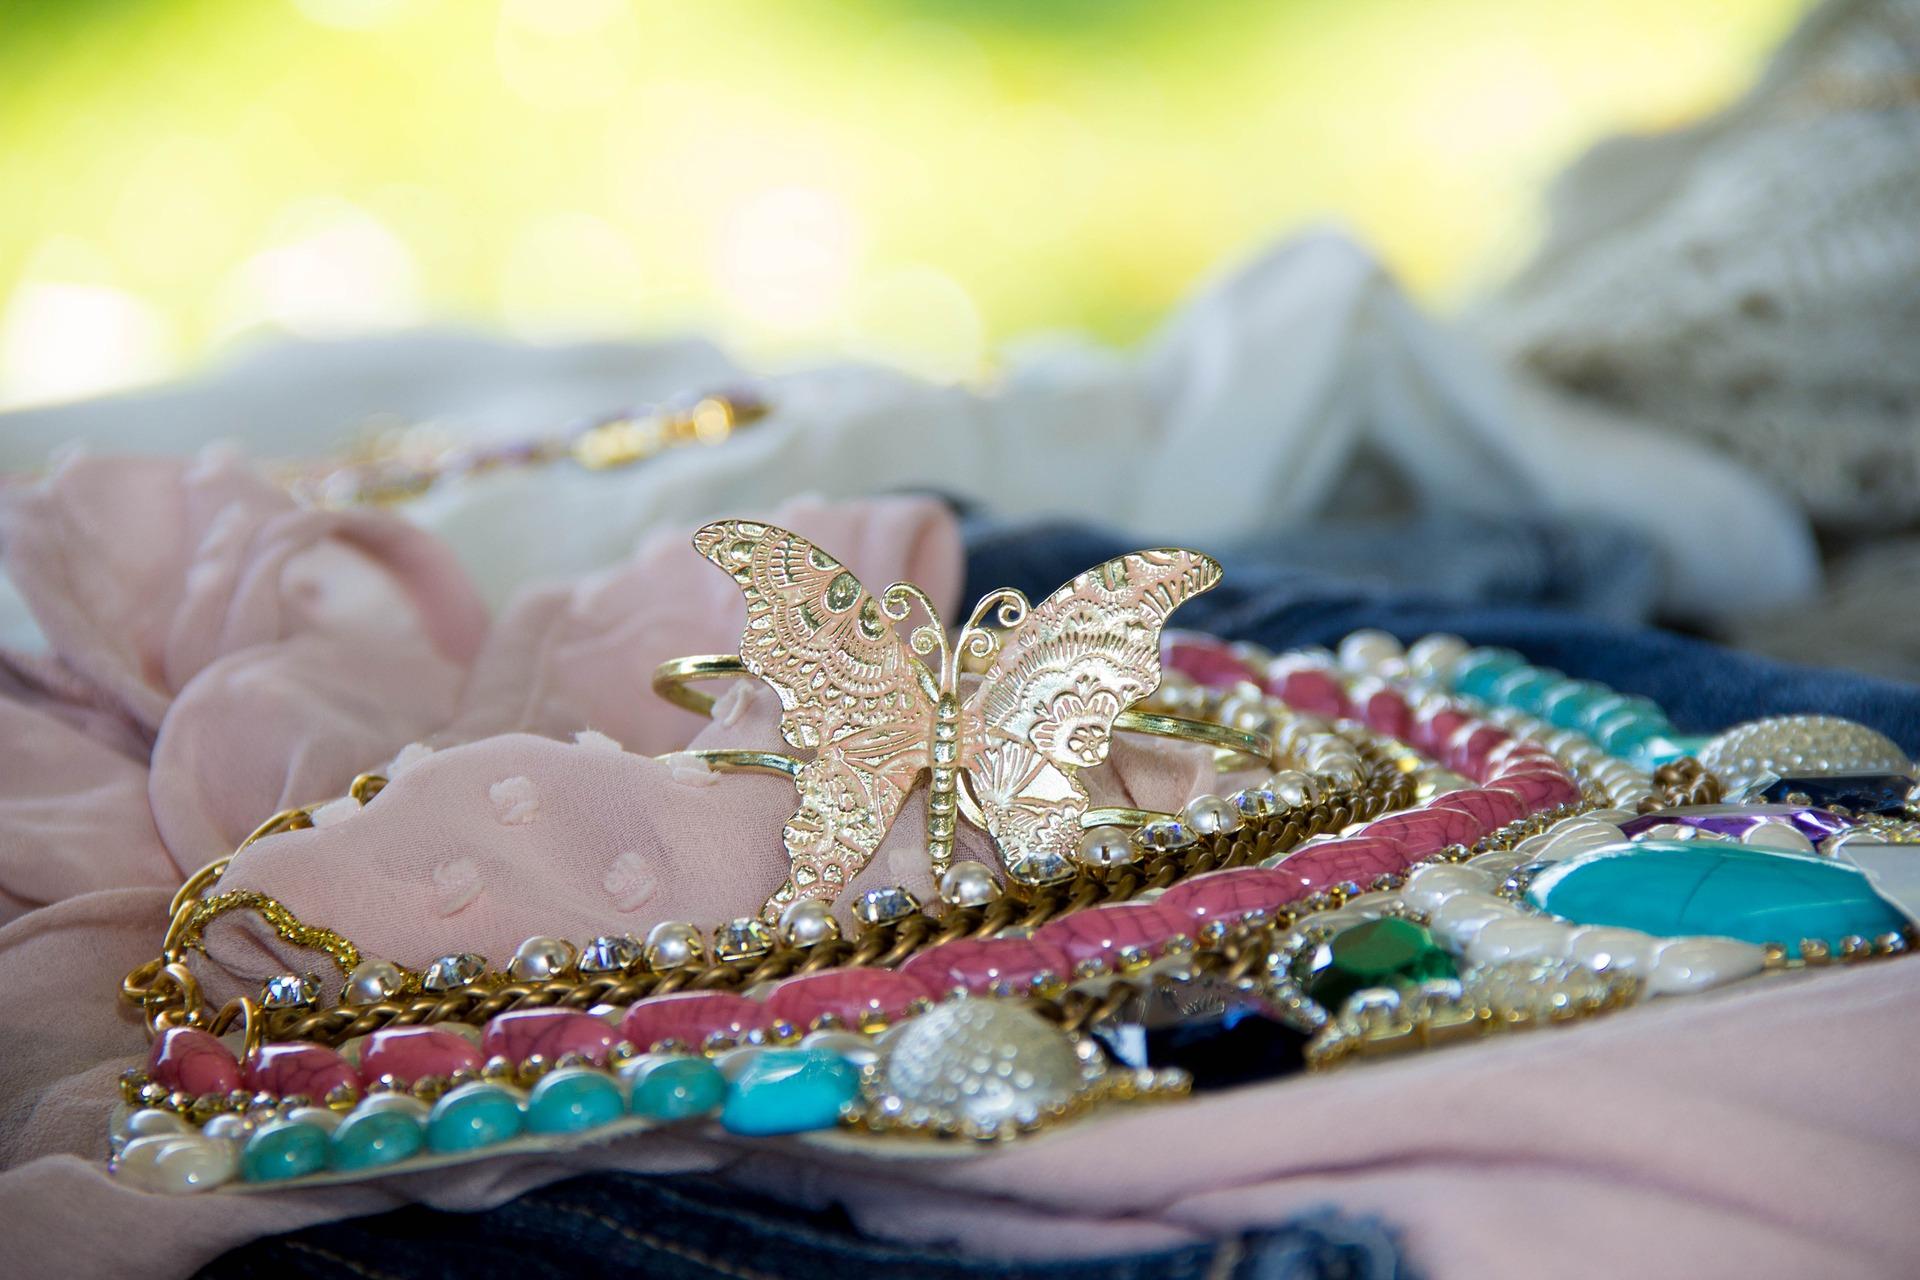 vendere bigiotteria usata e accessori vintage